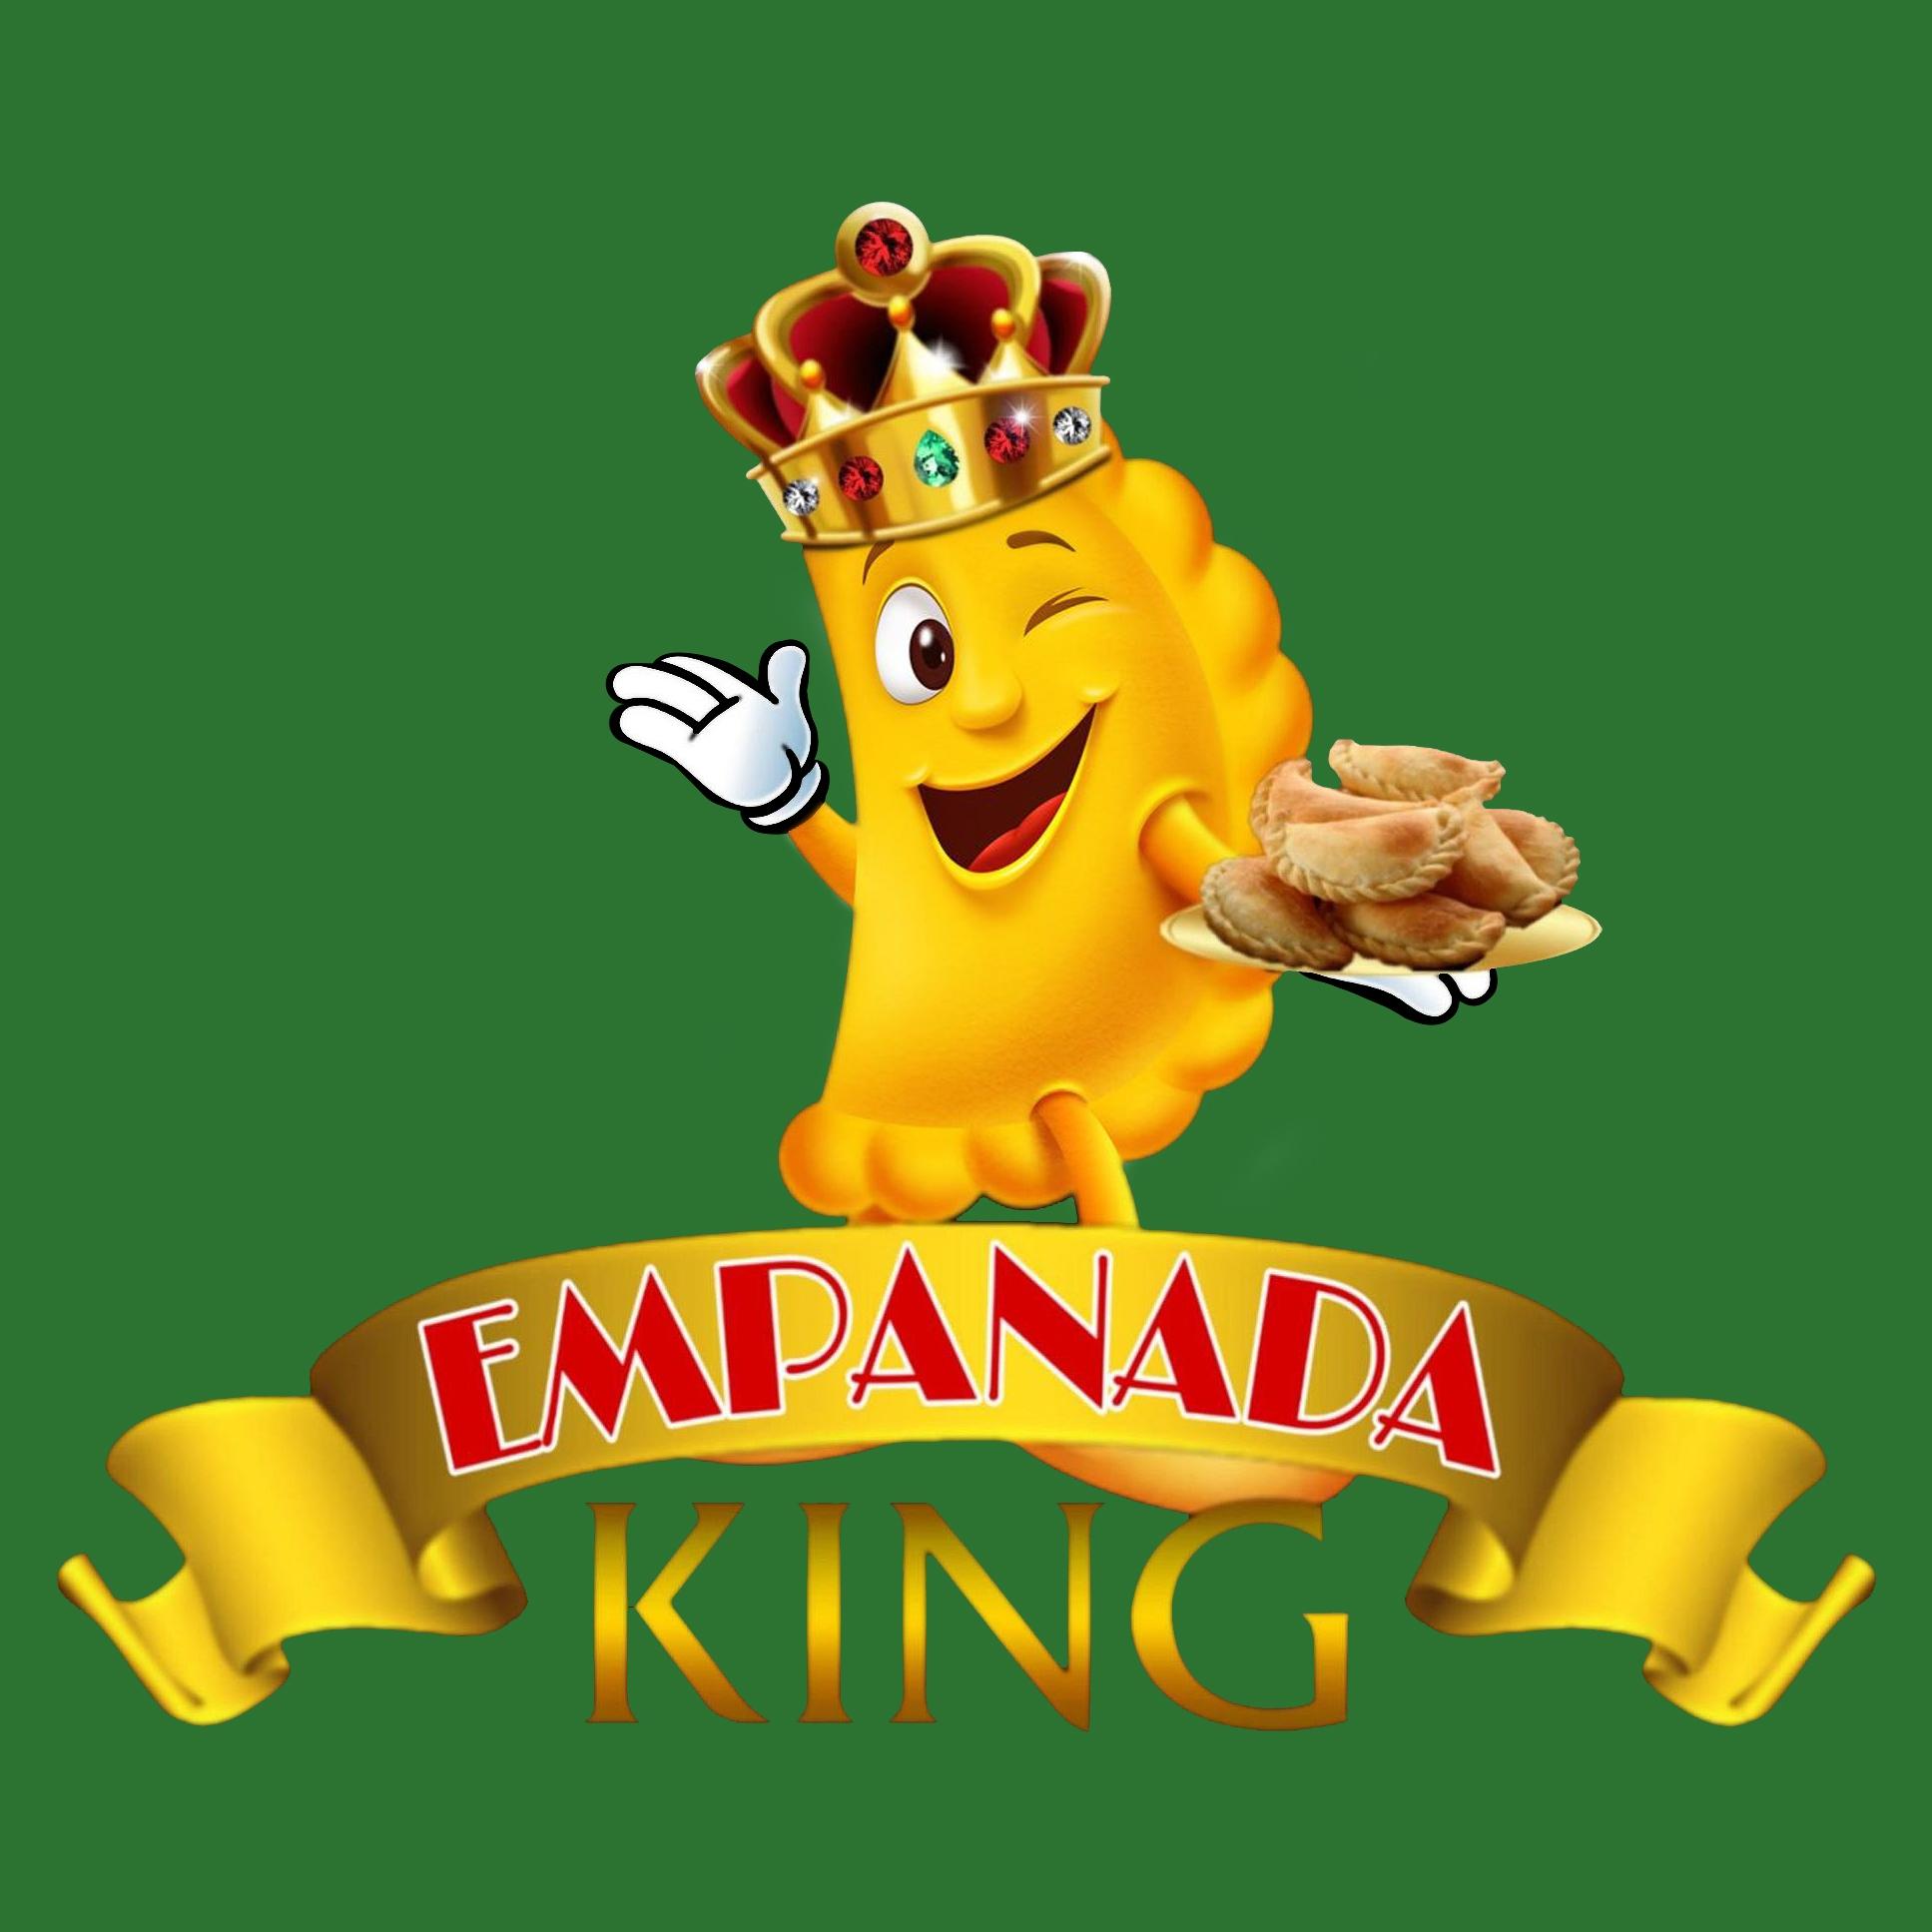 Empanada King